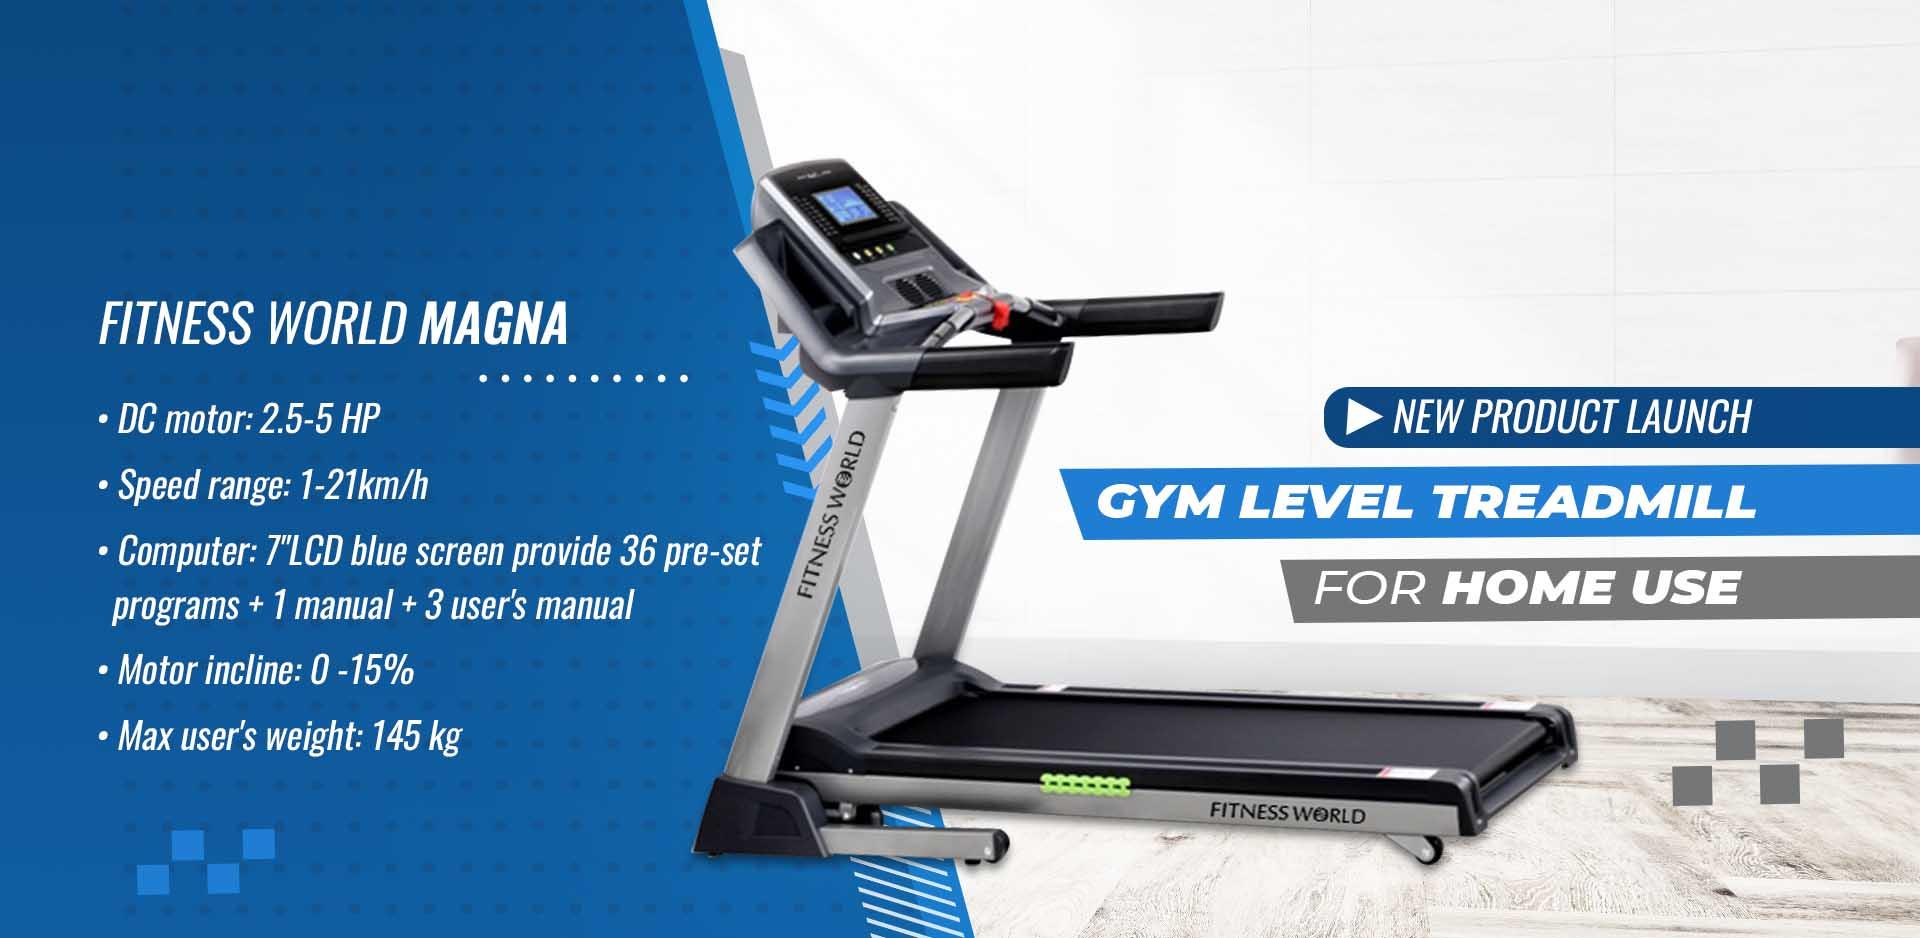 Fitness World Magna Treadmill Banner